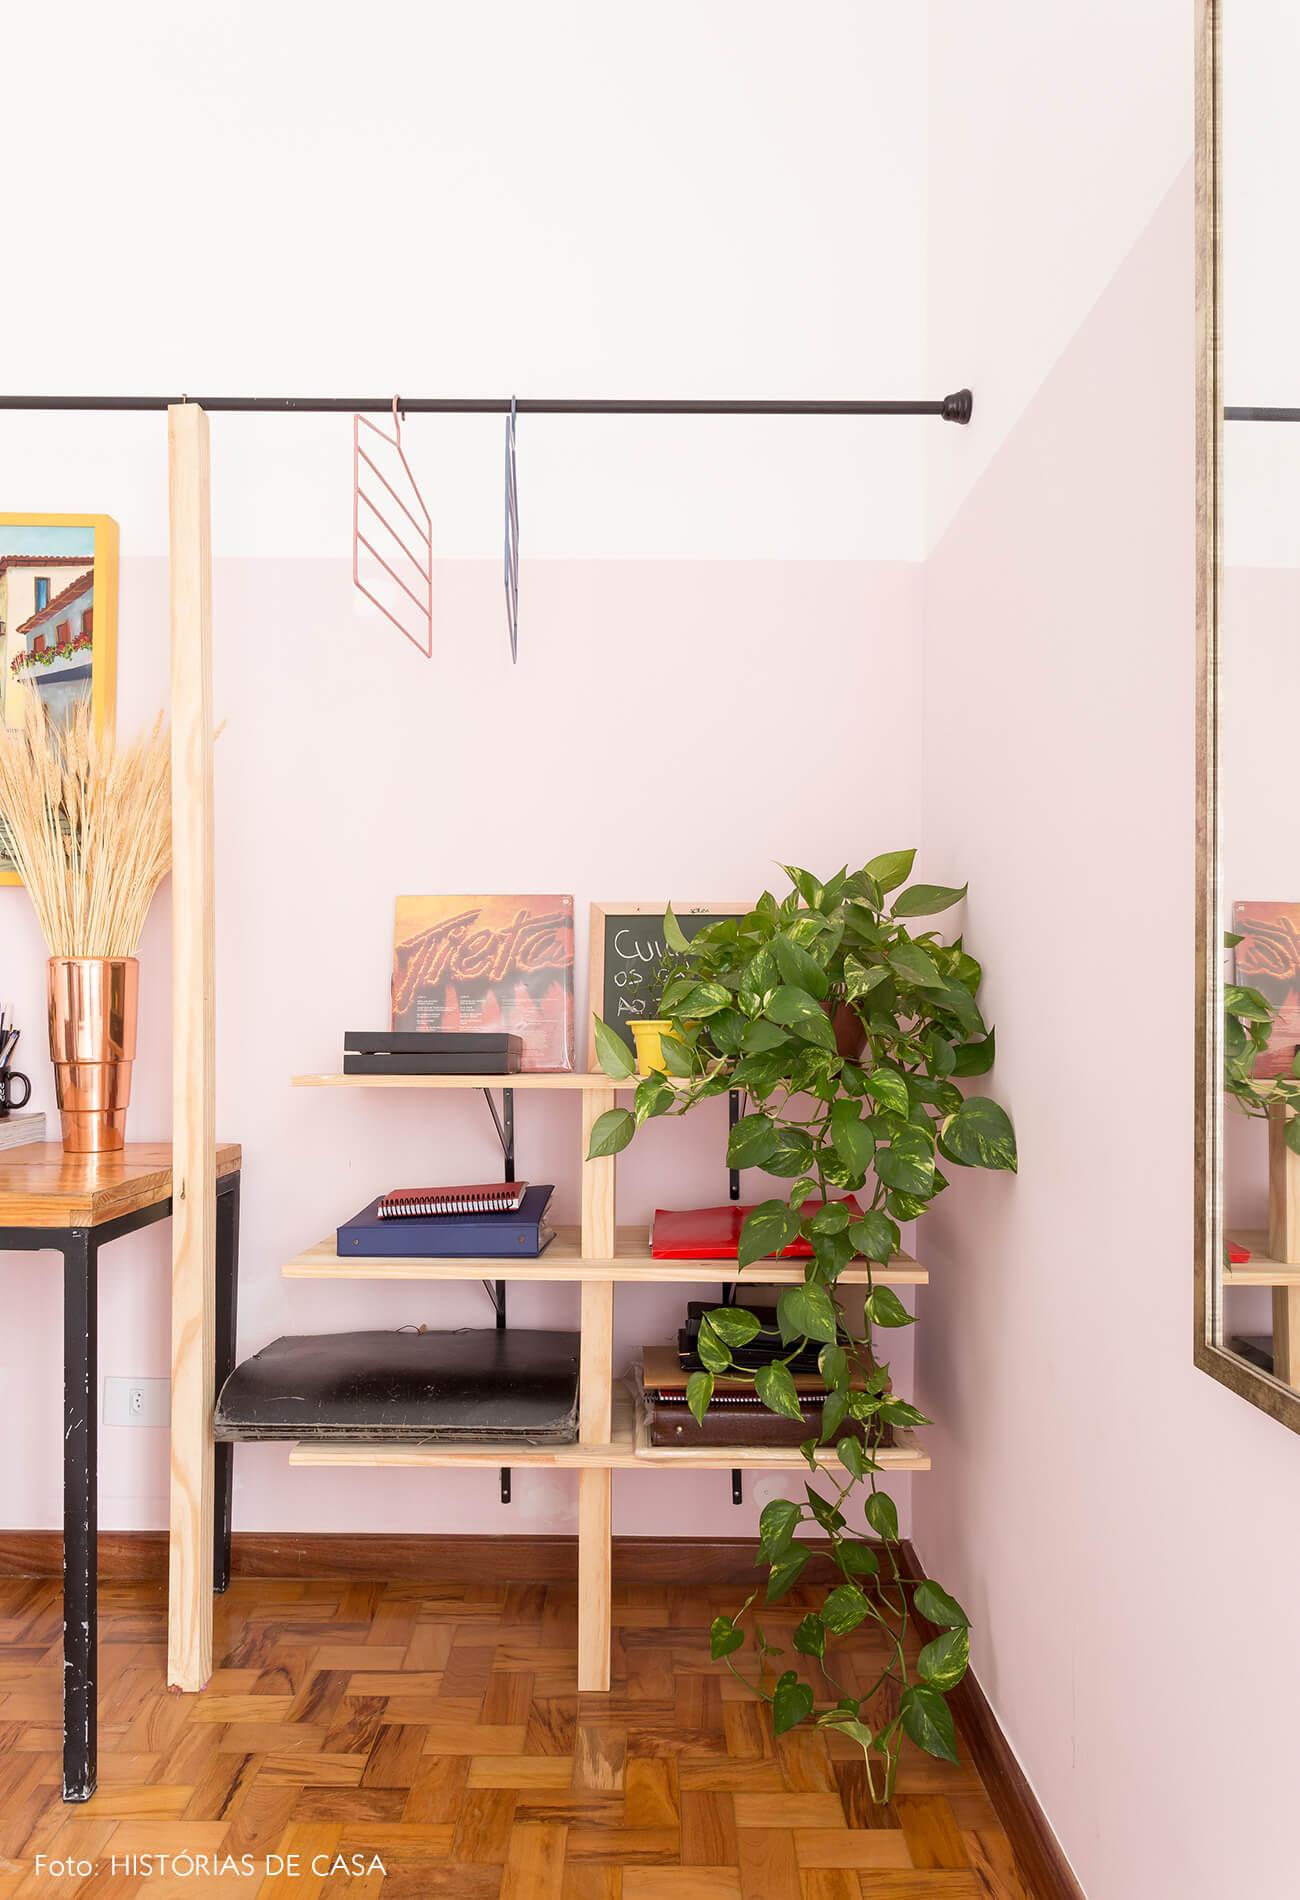 decoração quarto com meia parede rosa prateleiras de madeira clara e arara de ferro